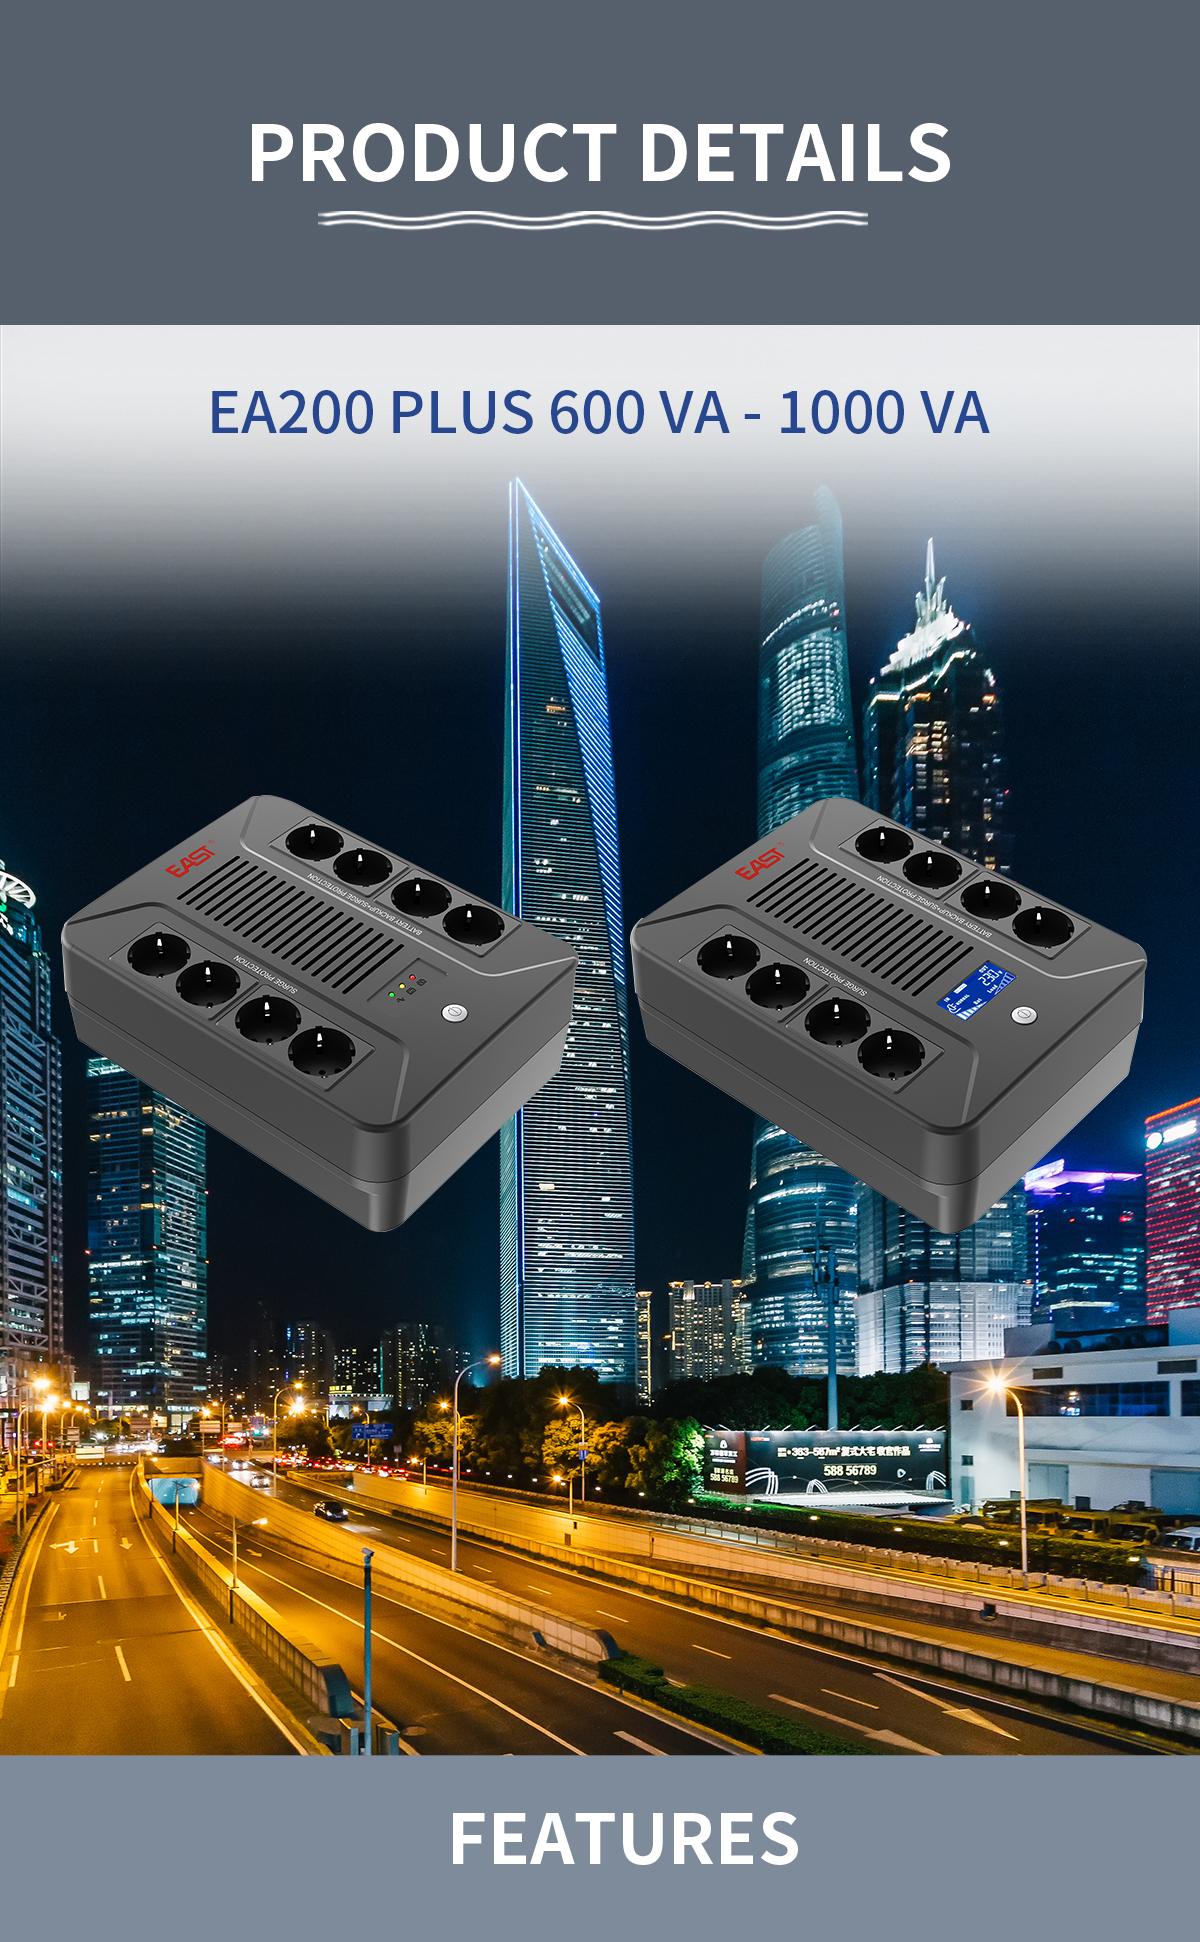 EA200-Plus-600-VA---1000-VA_01.jpg